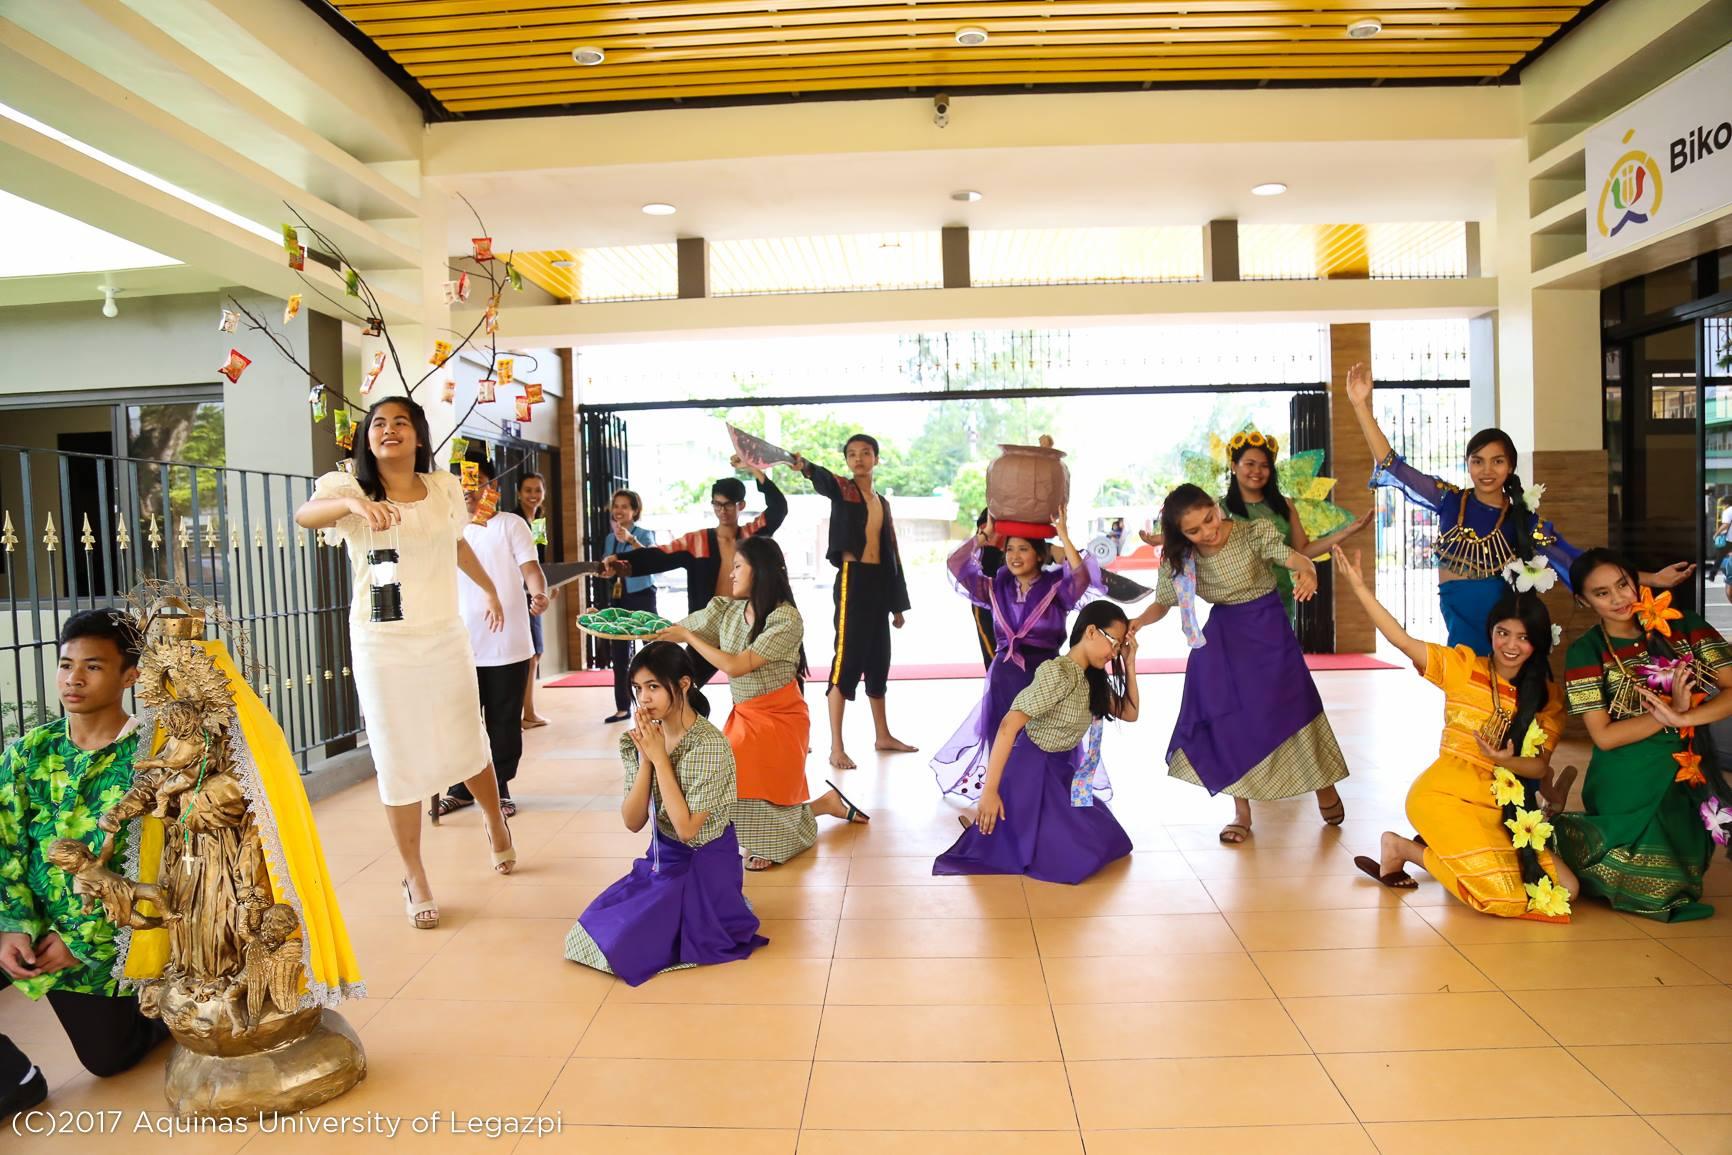 Blessing of the Bikol Studies Center